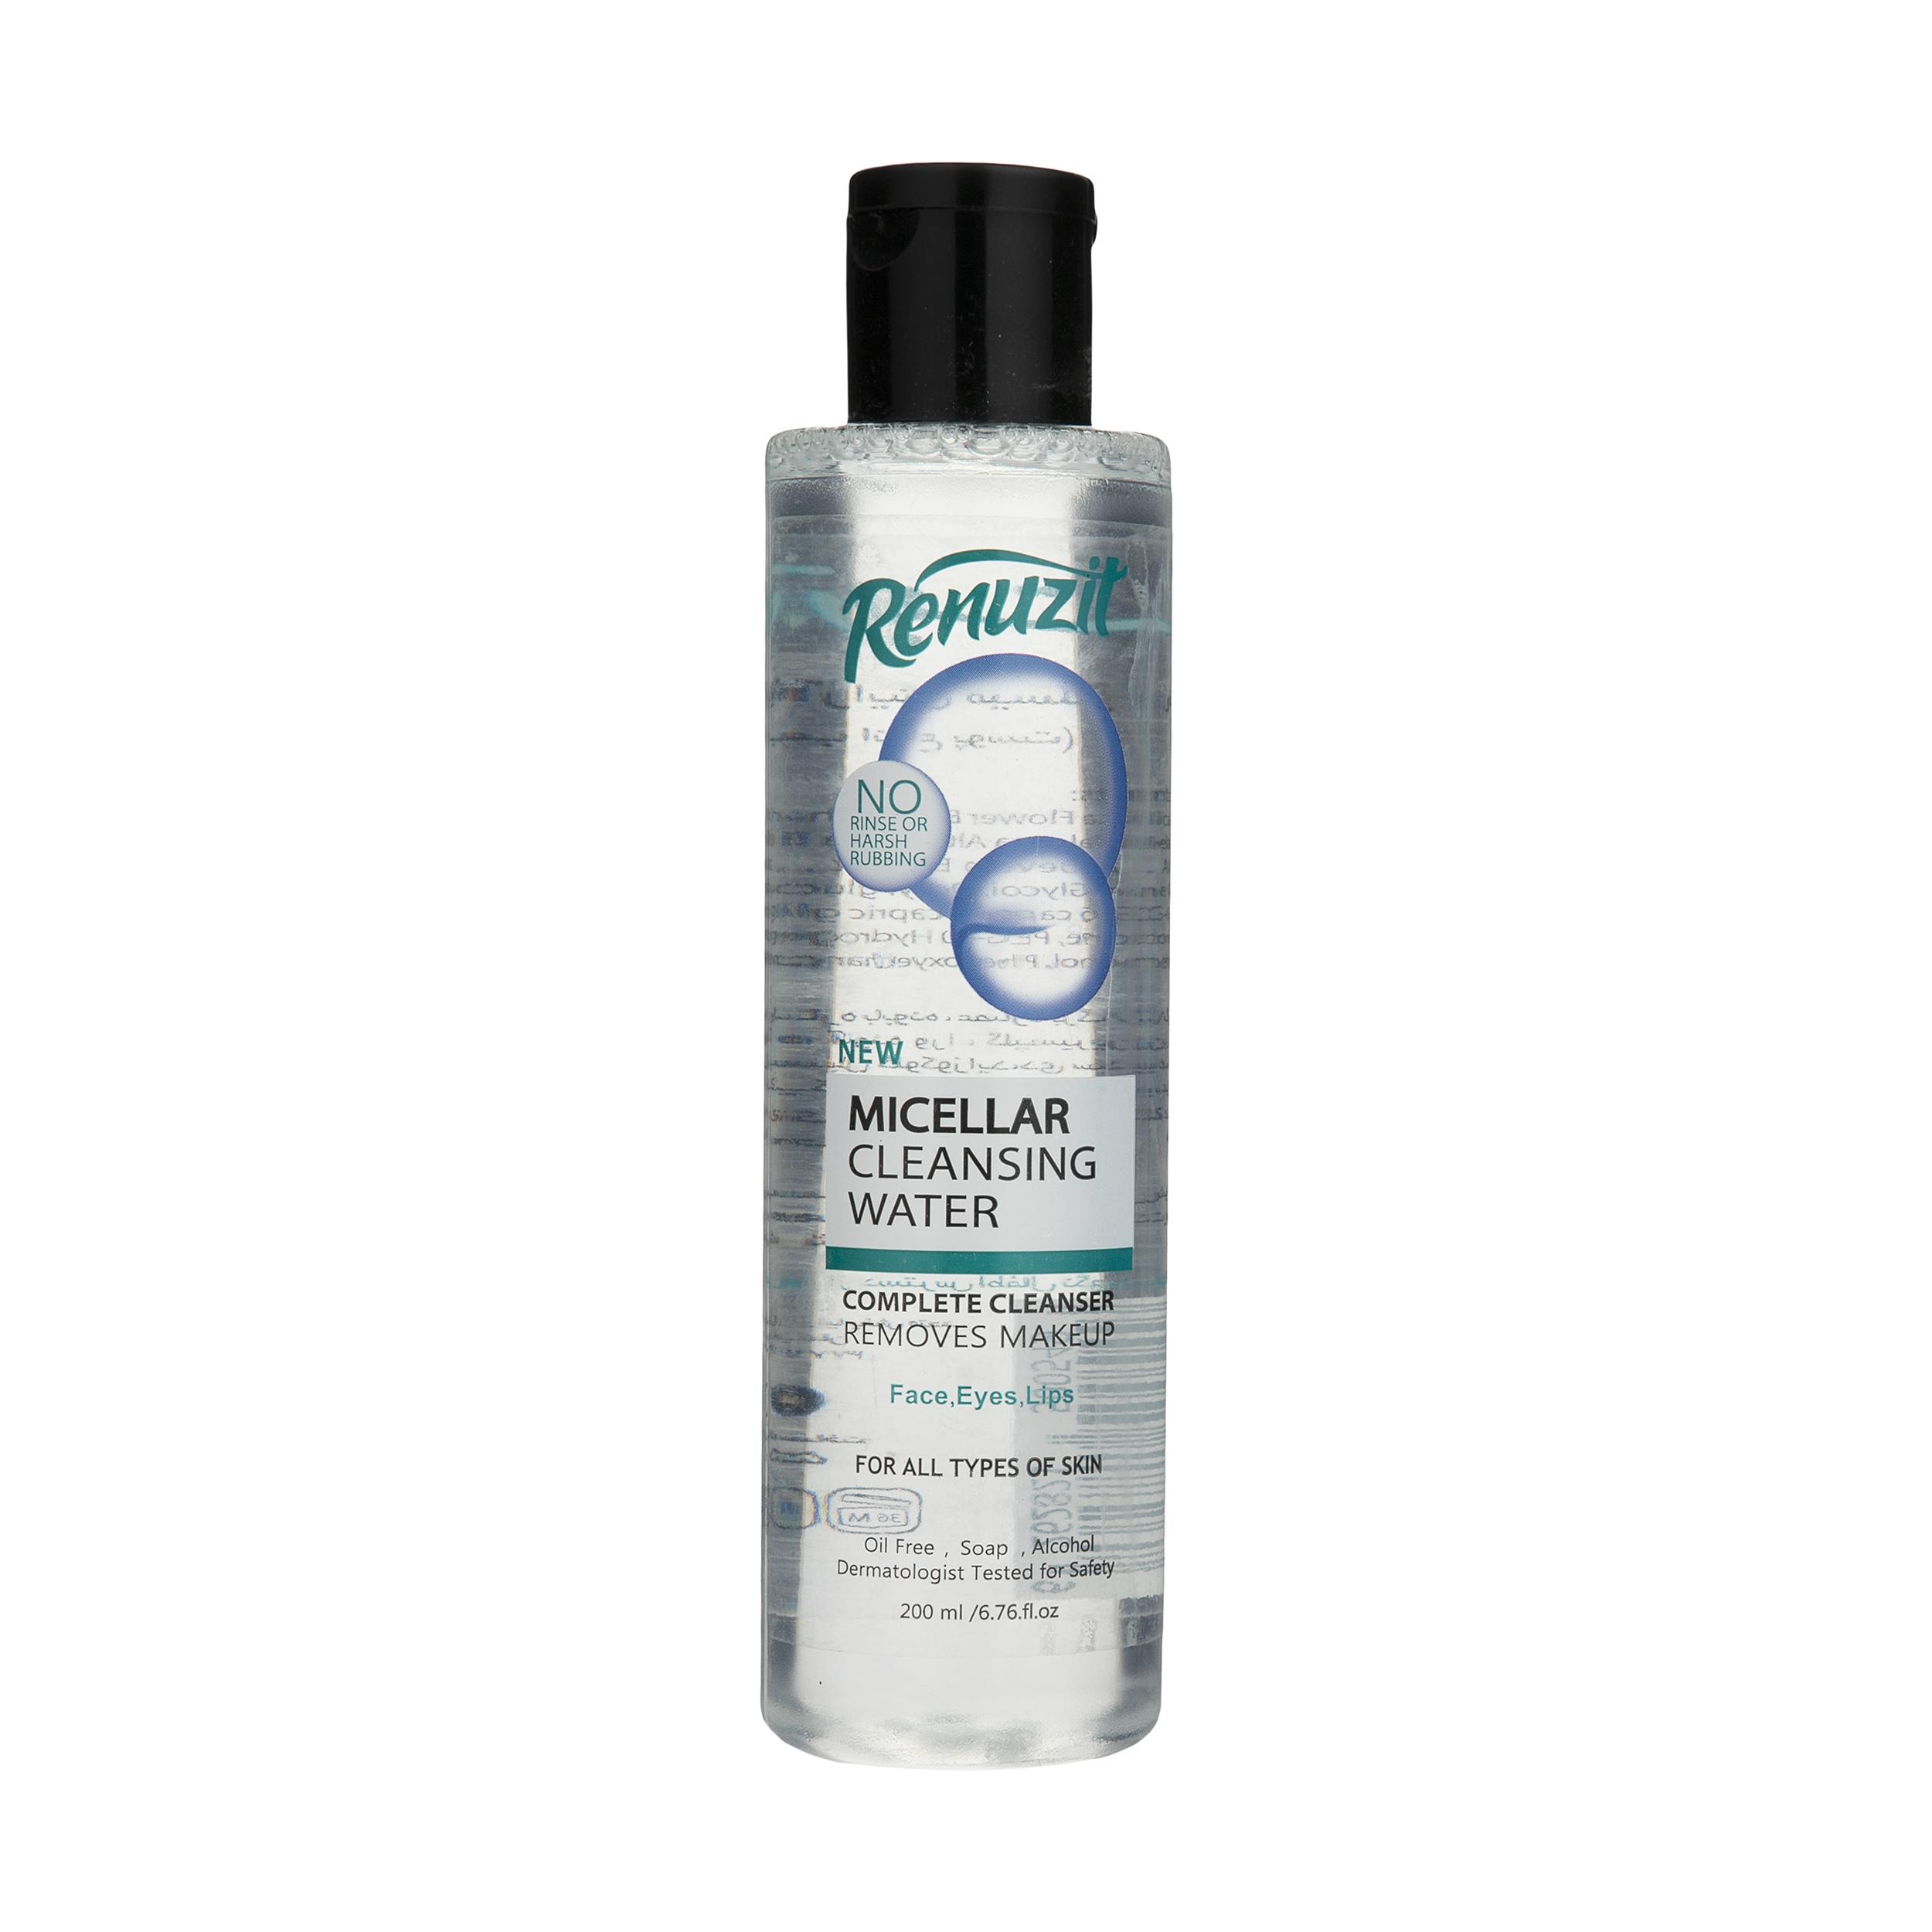 محلول پاک کننده آرایش صورت رینوزیت کد 01 حجم 200 میلی لیتر